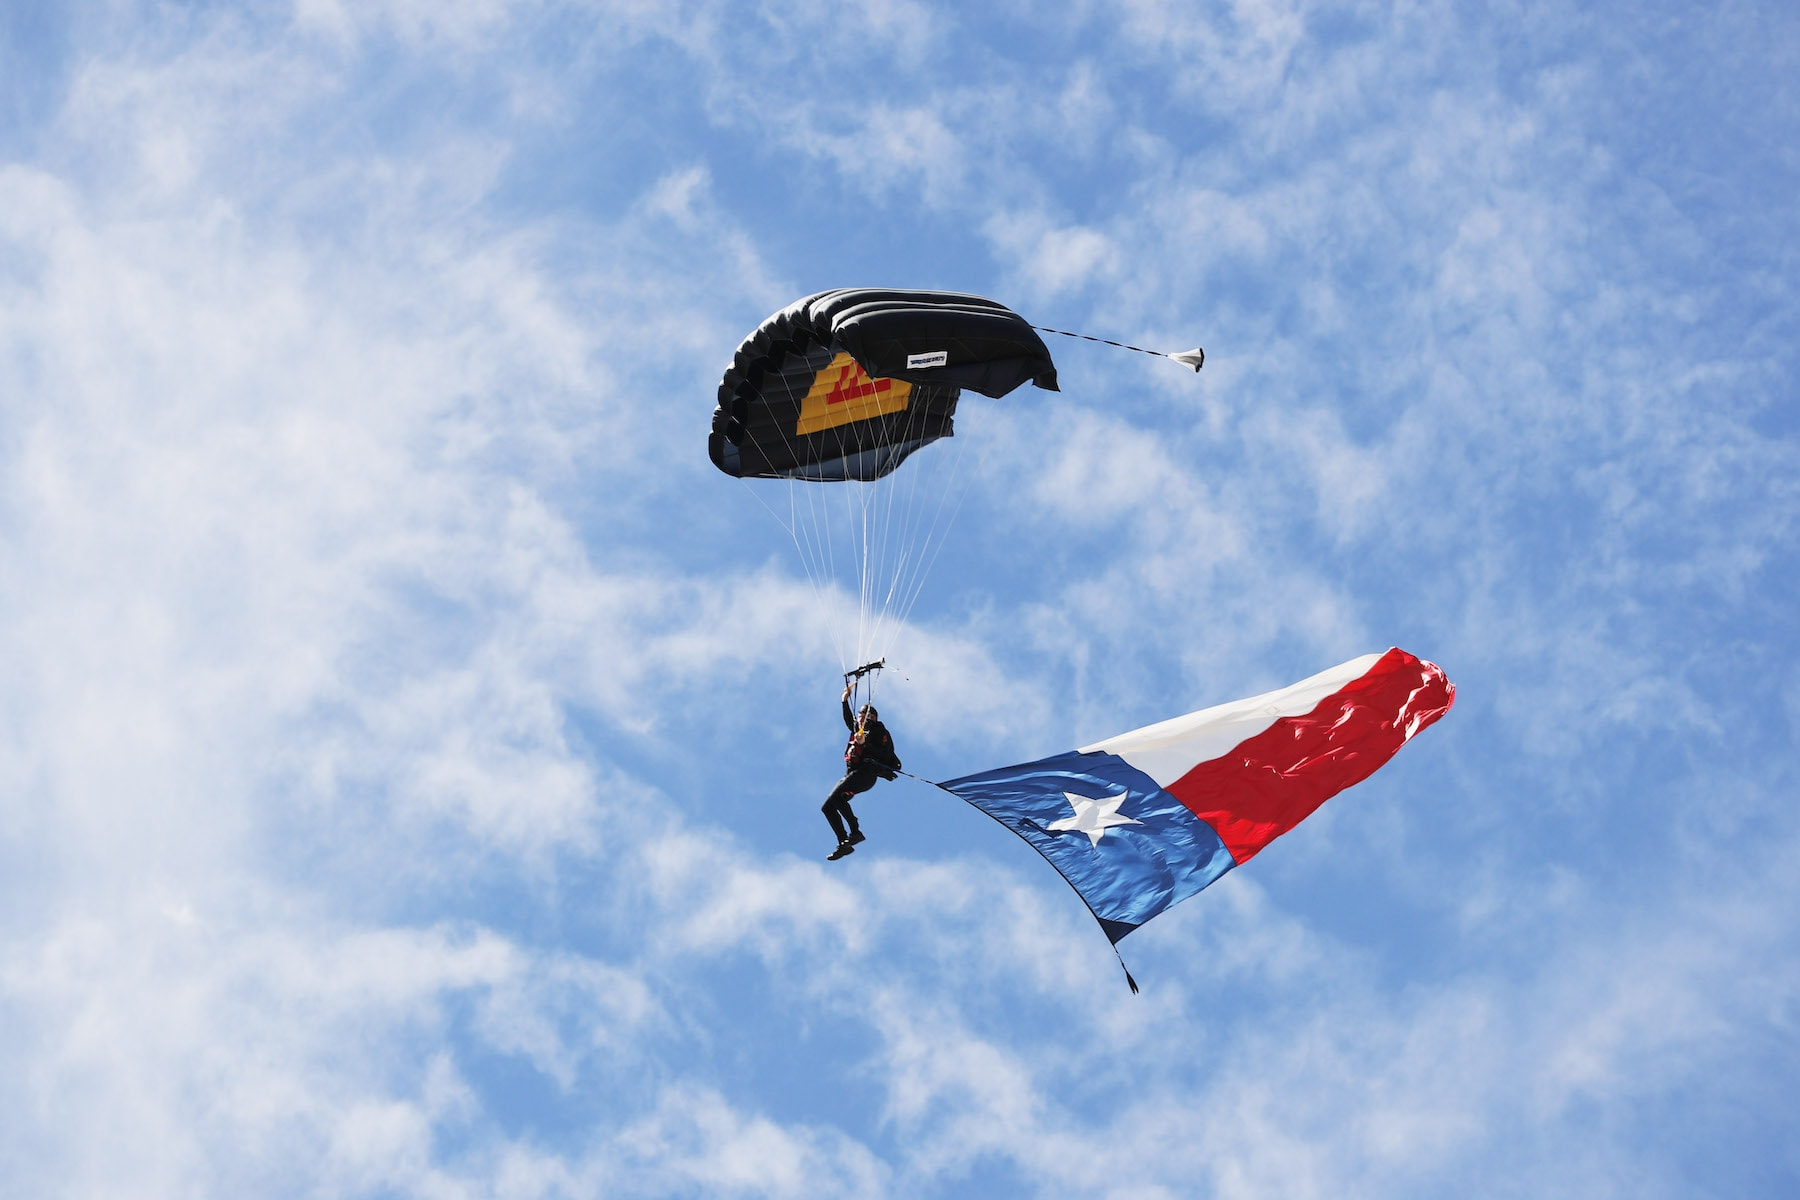 B 2018 USGP pre race show parachuter | 2018 USGP 1 copy.jpg